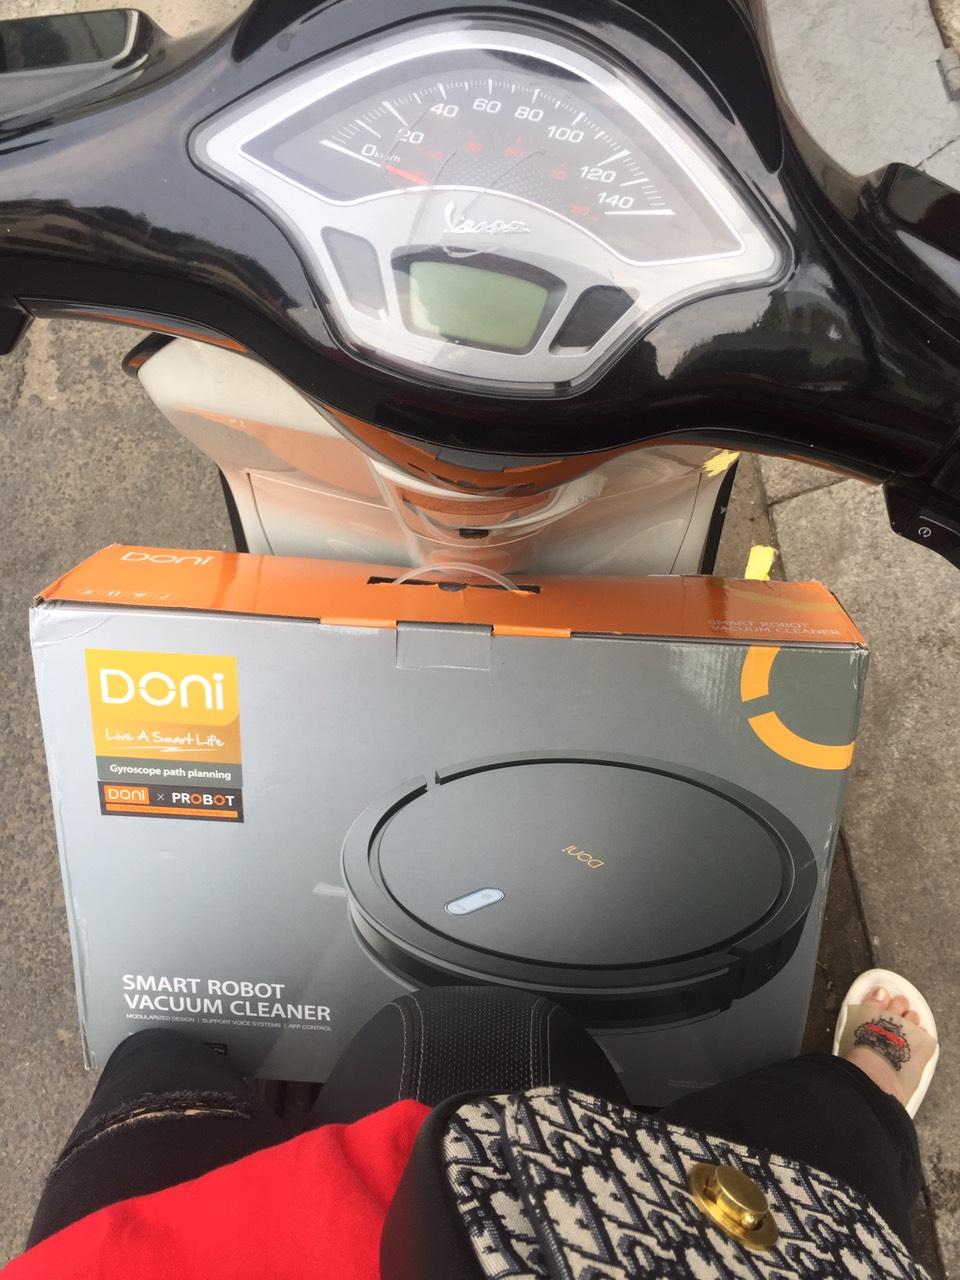 Probot Doni X 1400Pa, Robot hút bụi lau nhà cao cấp giá rẻ